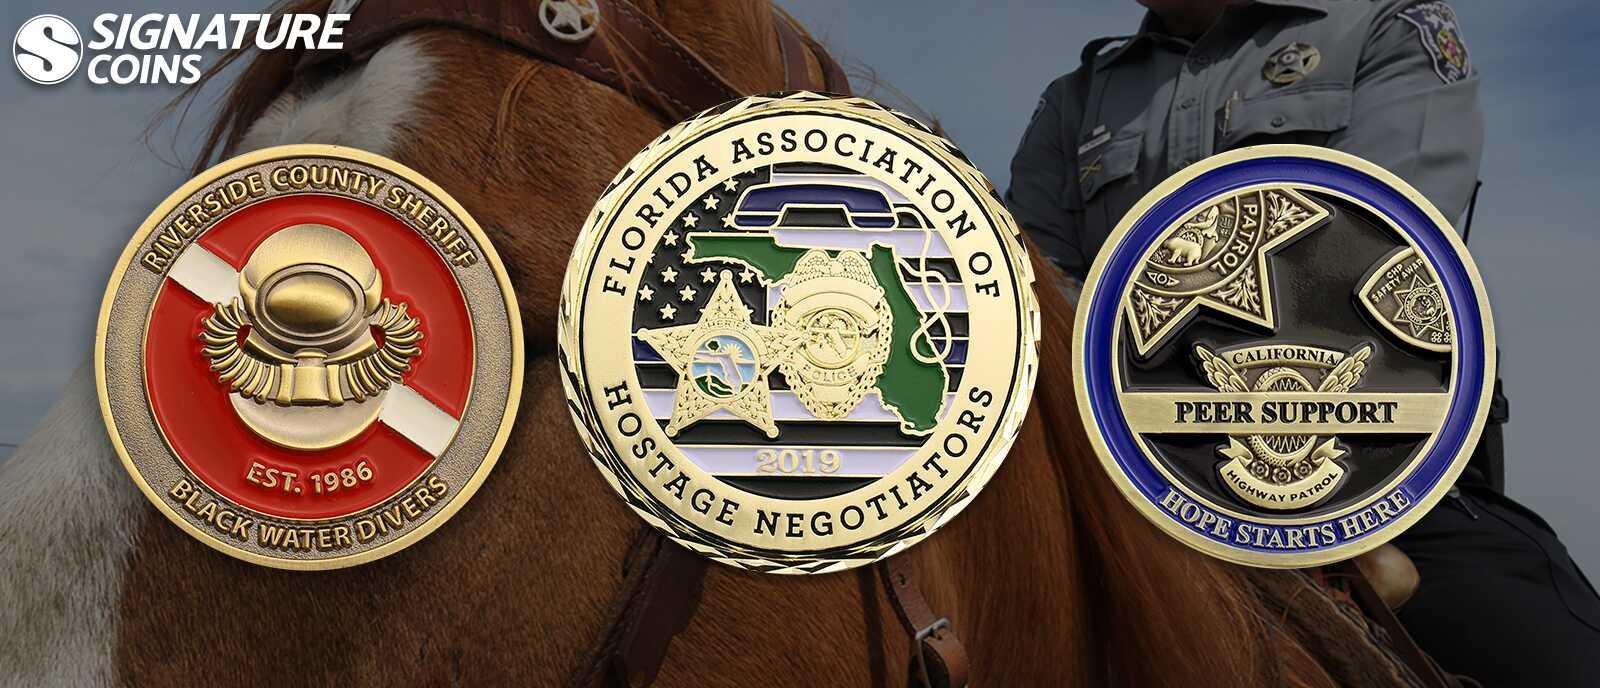 SignatureCoins-Law-Enforcement-sheriff-coins